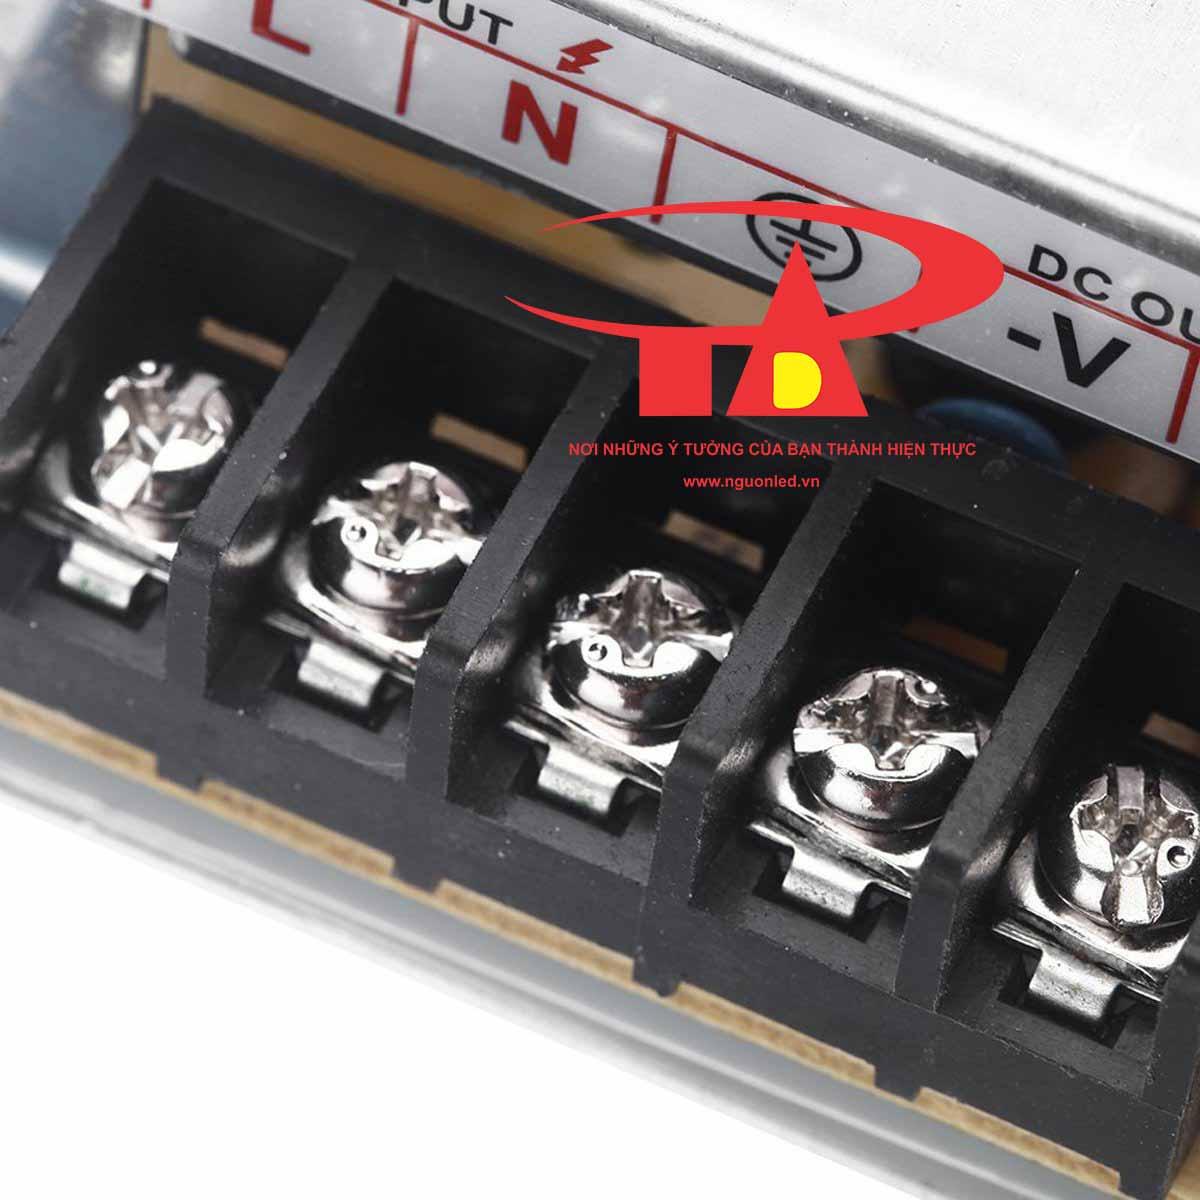 Nguồn Led 5V 6A loại tốt, giá rẻ bảo hành 1 năm, nguonled.vn